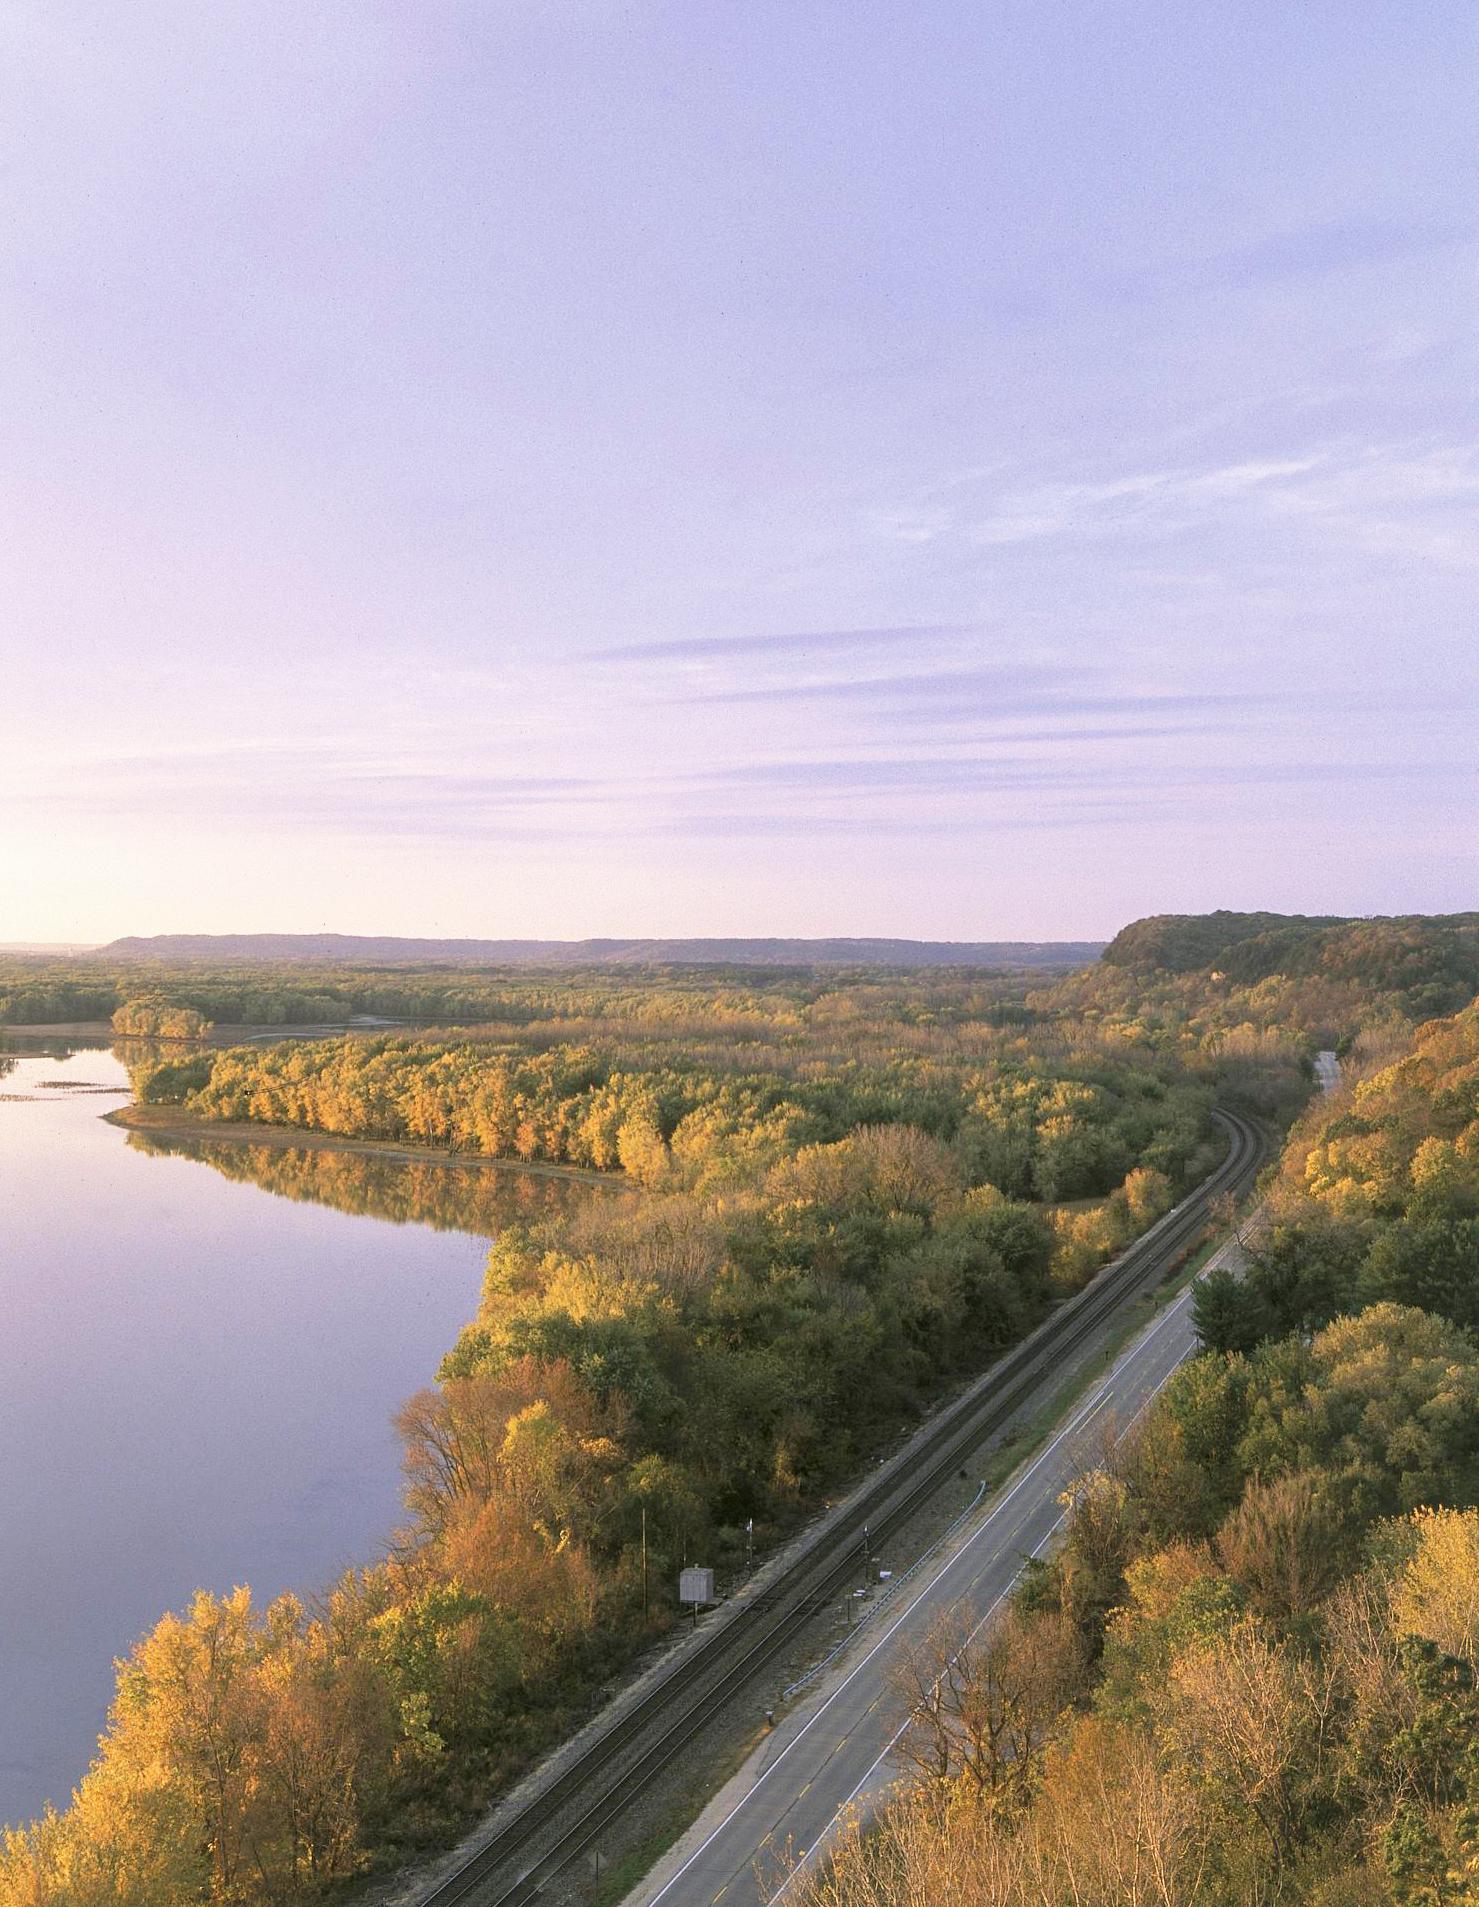 Illinois: Northwest Illinois Loop